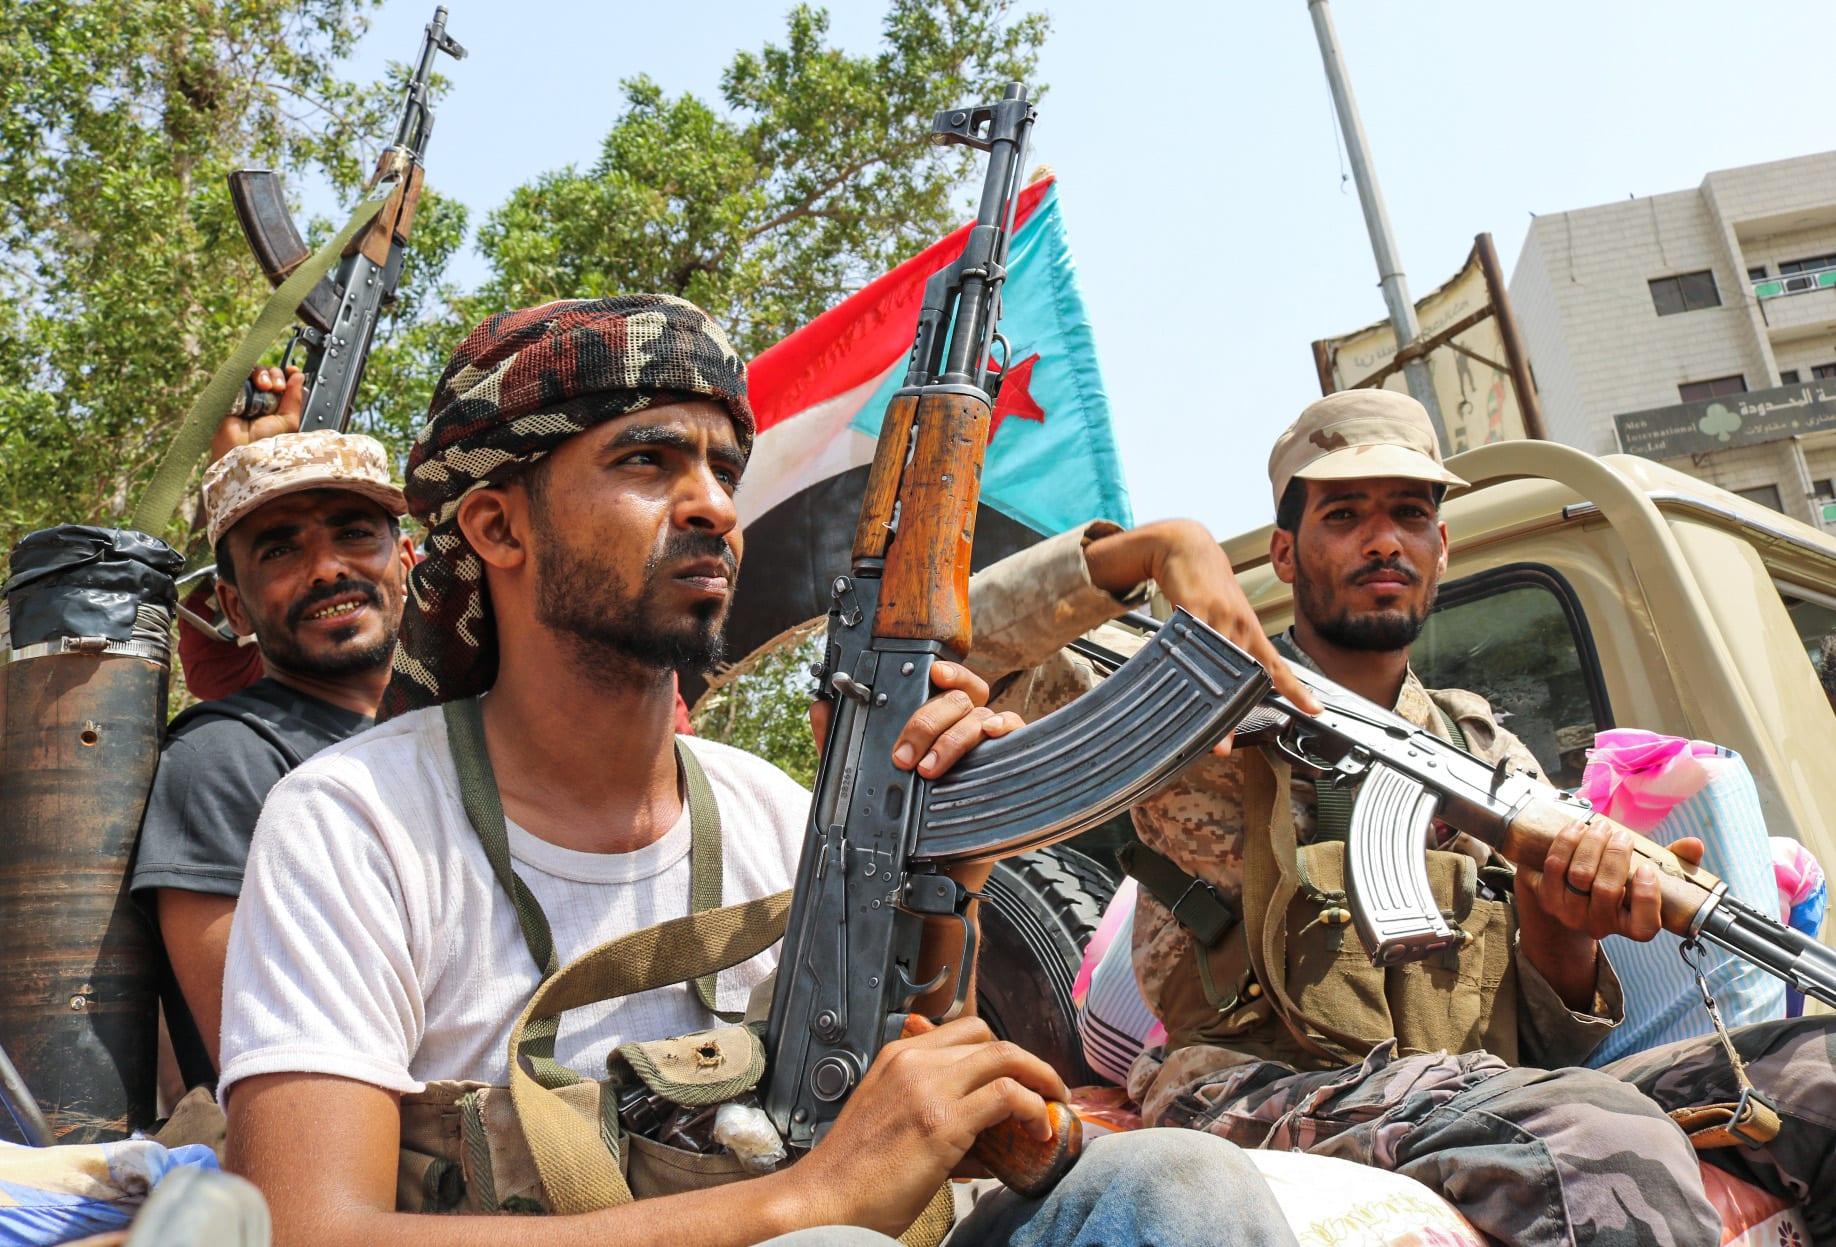 مقاتلون من قوة الحزام الأمني في شاحنة صغيرة قرب فندق عدن - 29 أغسطس/ آب 2019